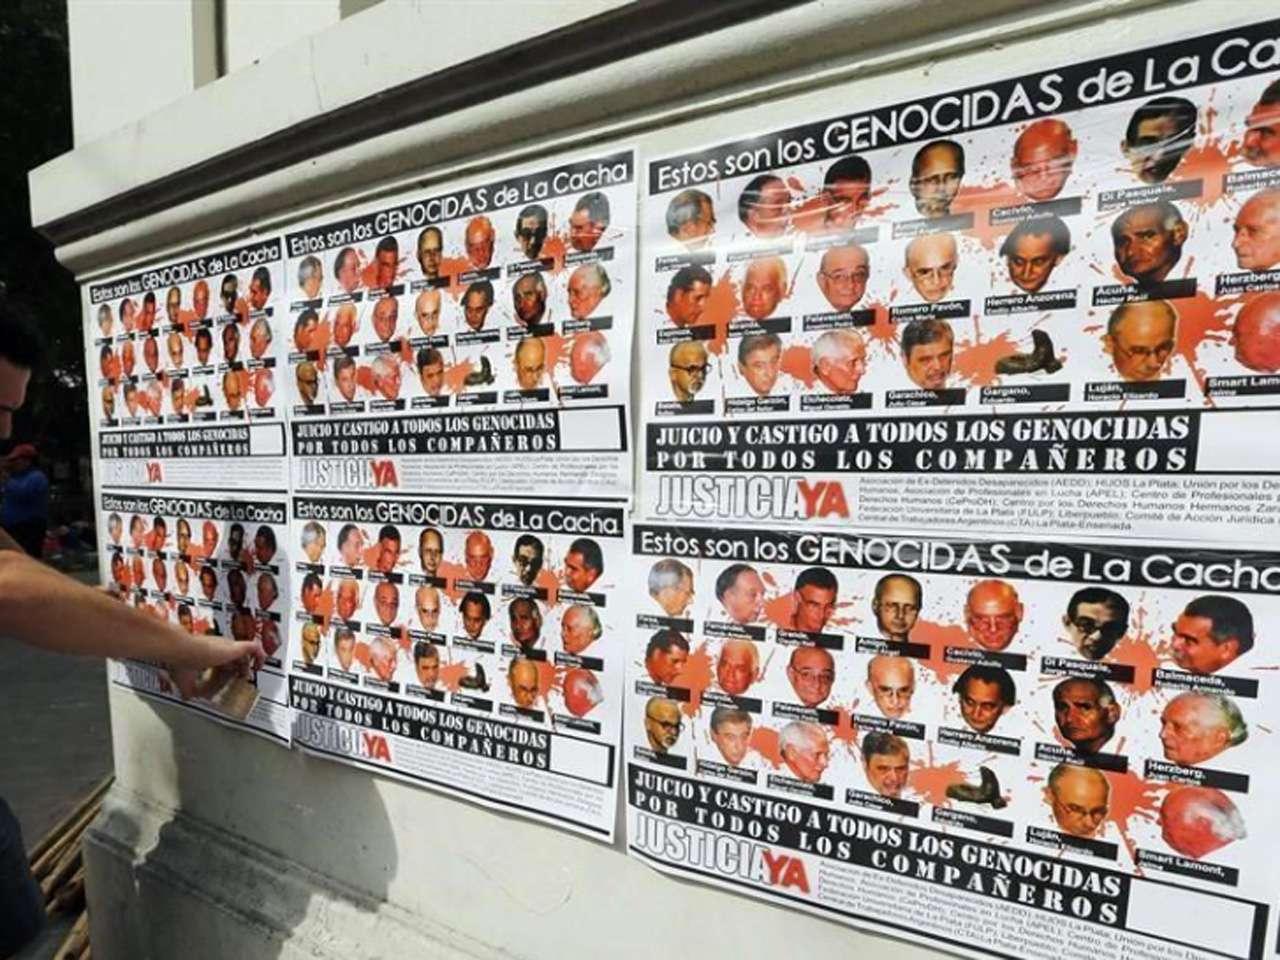 Un hombre pega carteles con con las caras de aquellos que cometieron genocidio en el centro de detención clandestino de La Cacha durante la dictadura militar, en La Plata, Argentina Foto: Reuters en español